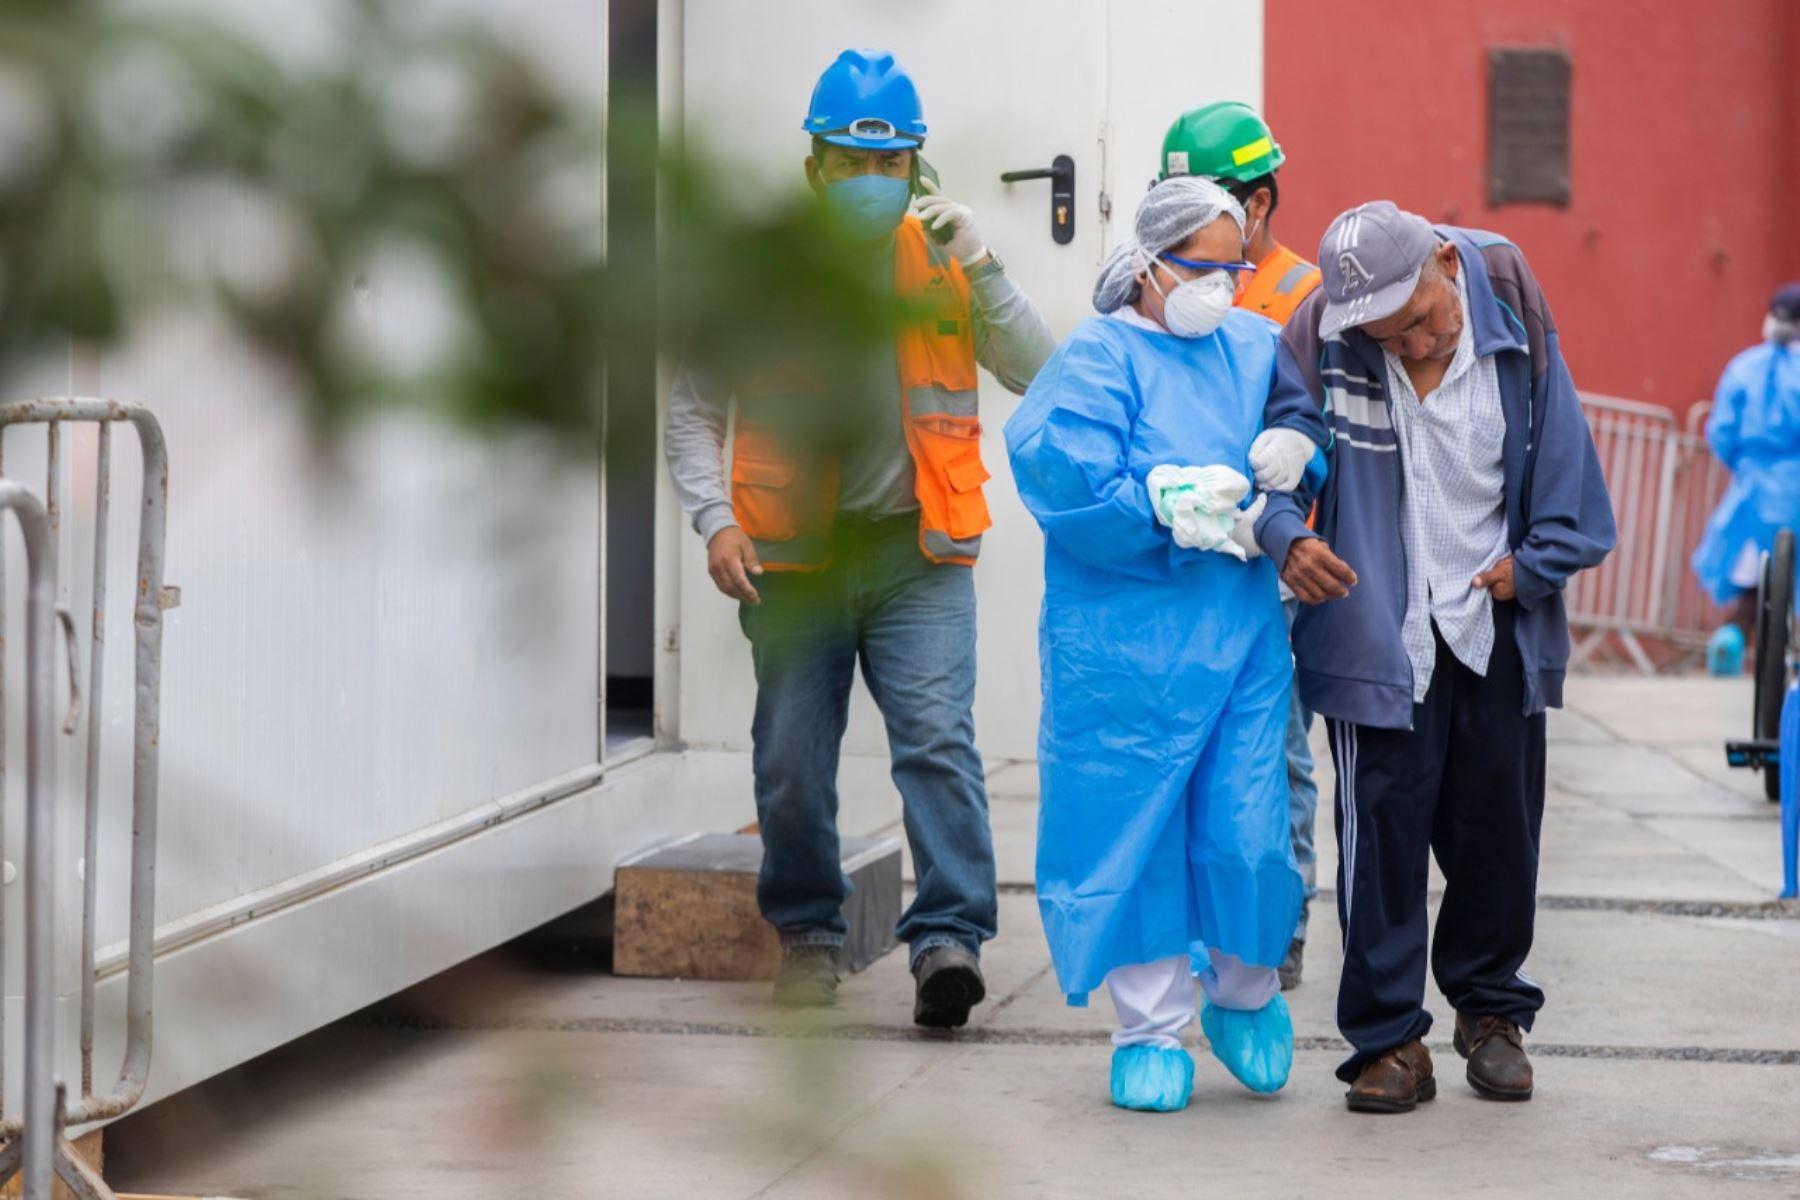 Hace 100 días, junto a la Beneficencia de Lima, el albergue la Casa de Todos abrió sus puertas para proteger y dar cobijo a personas en situación de calle, vulnerables al contagio de COVID-19. Personal especializado los acompañan a diario. Foto: ANDINA/Municipalidad de Lima